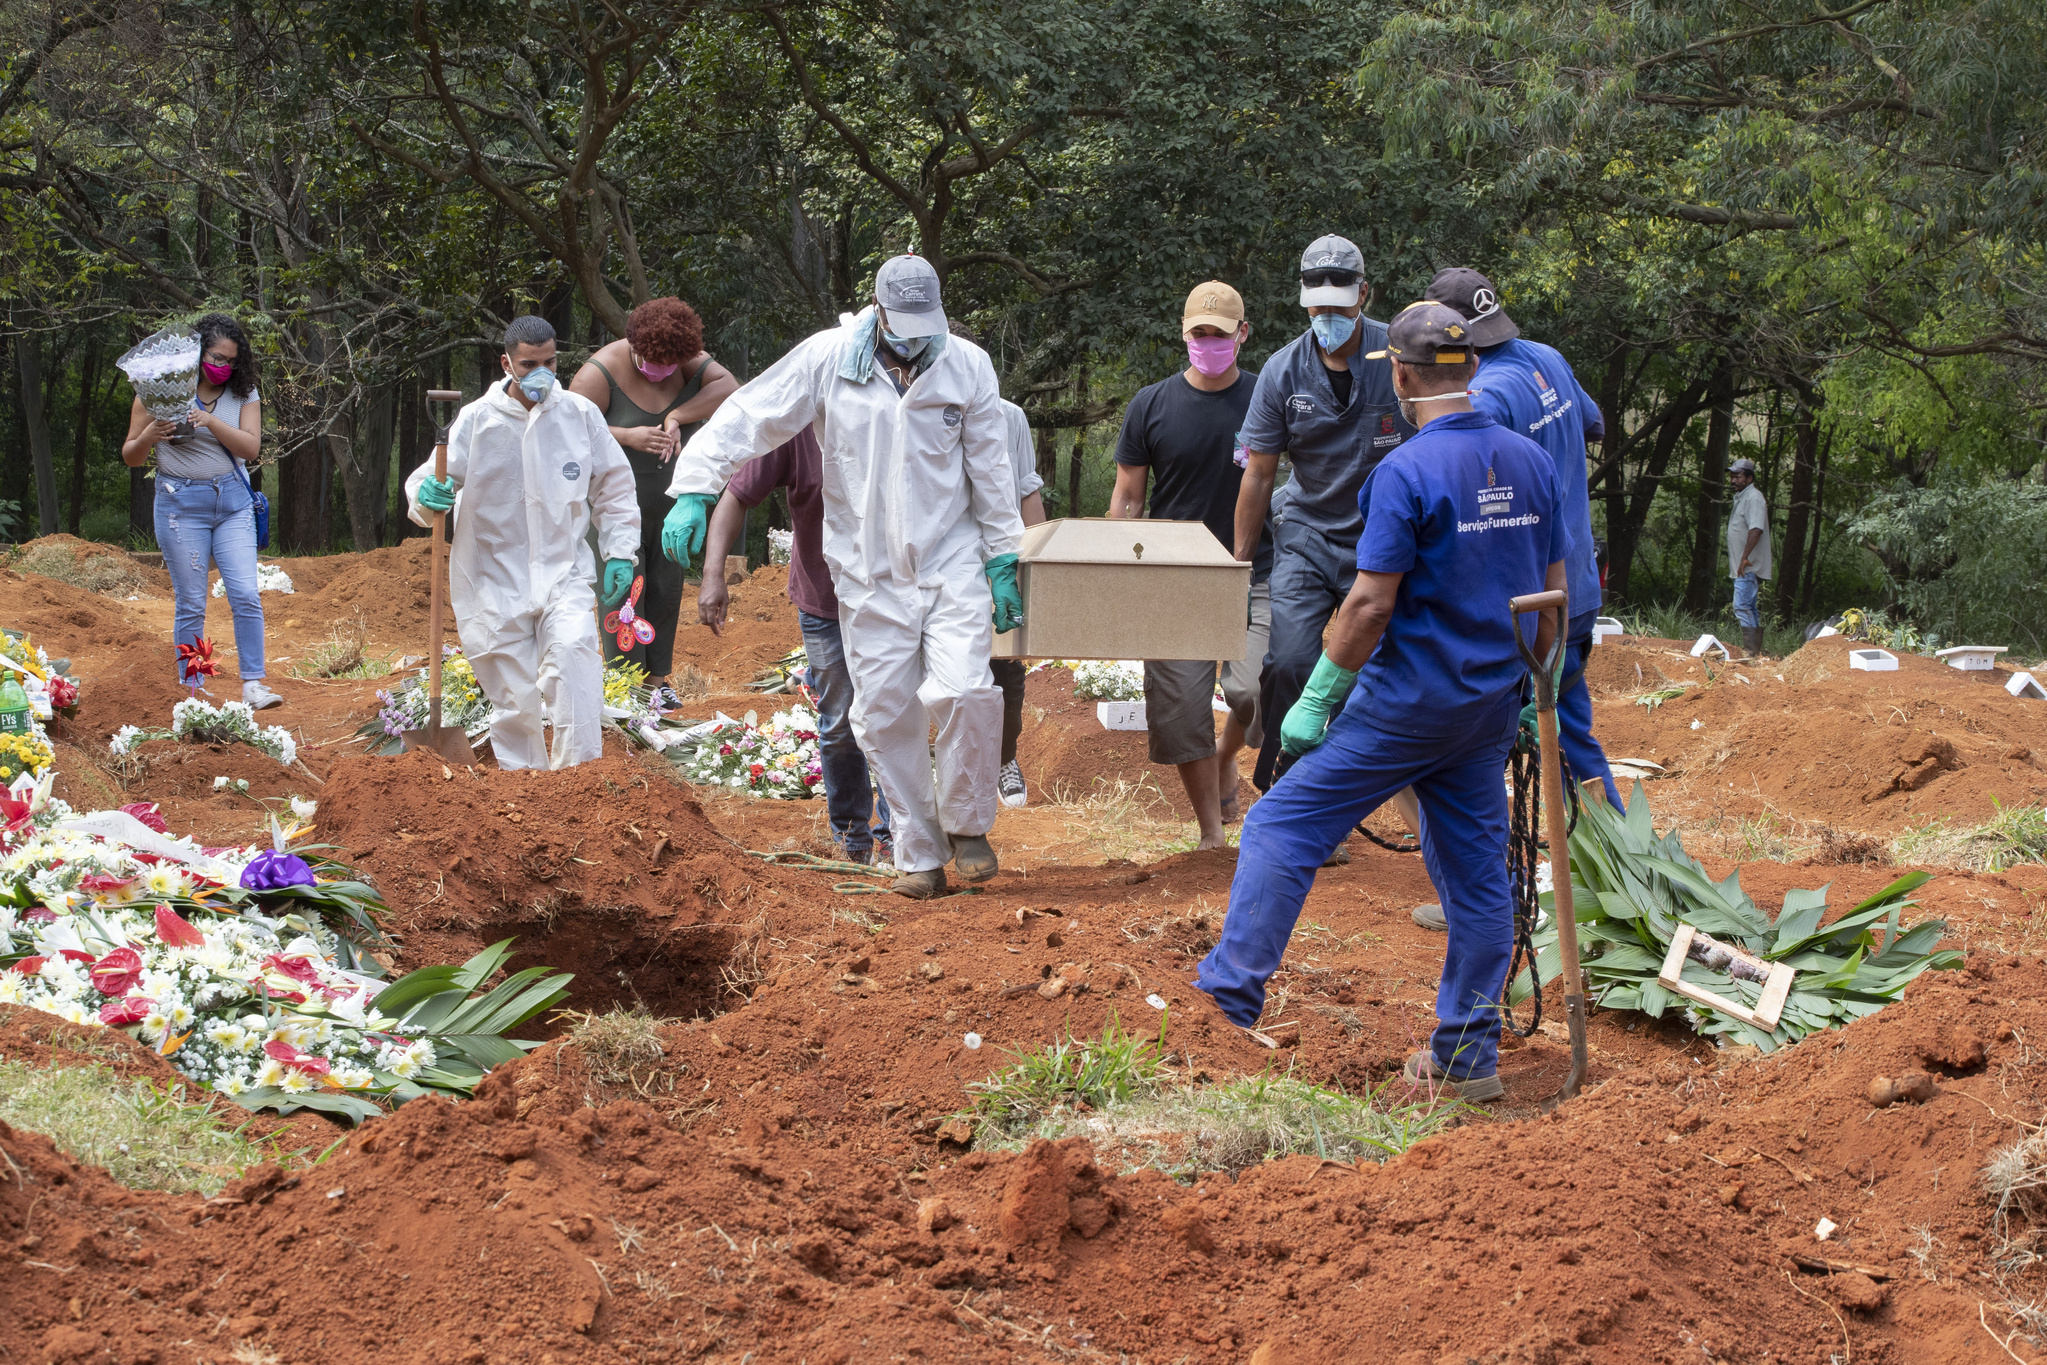 브라질 상파울로의 한 공동묘지 관계자들이 코로나19 사망자의 시신이 담긴 관을 운반하고 있다. AP=연합뉴스